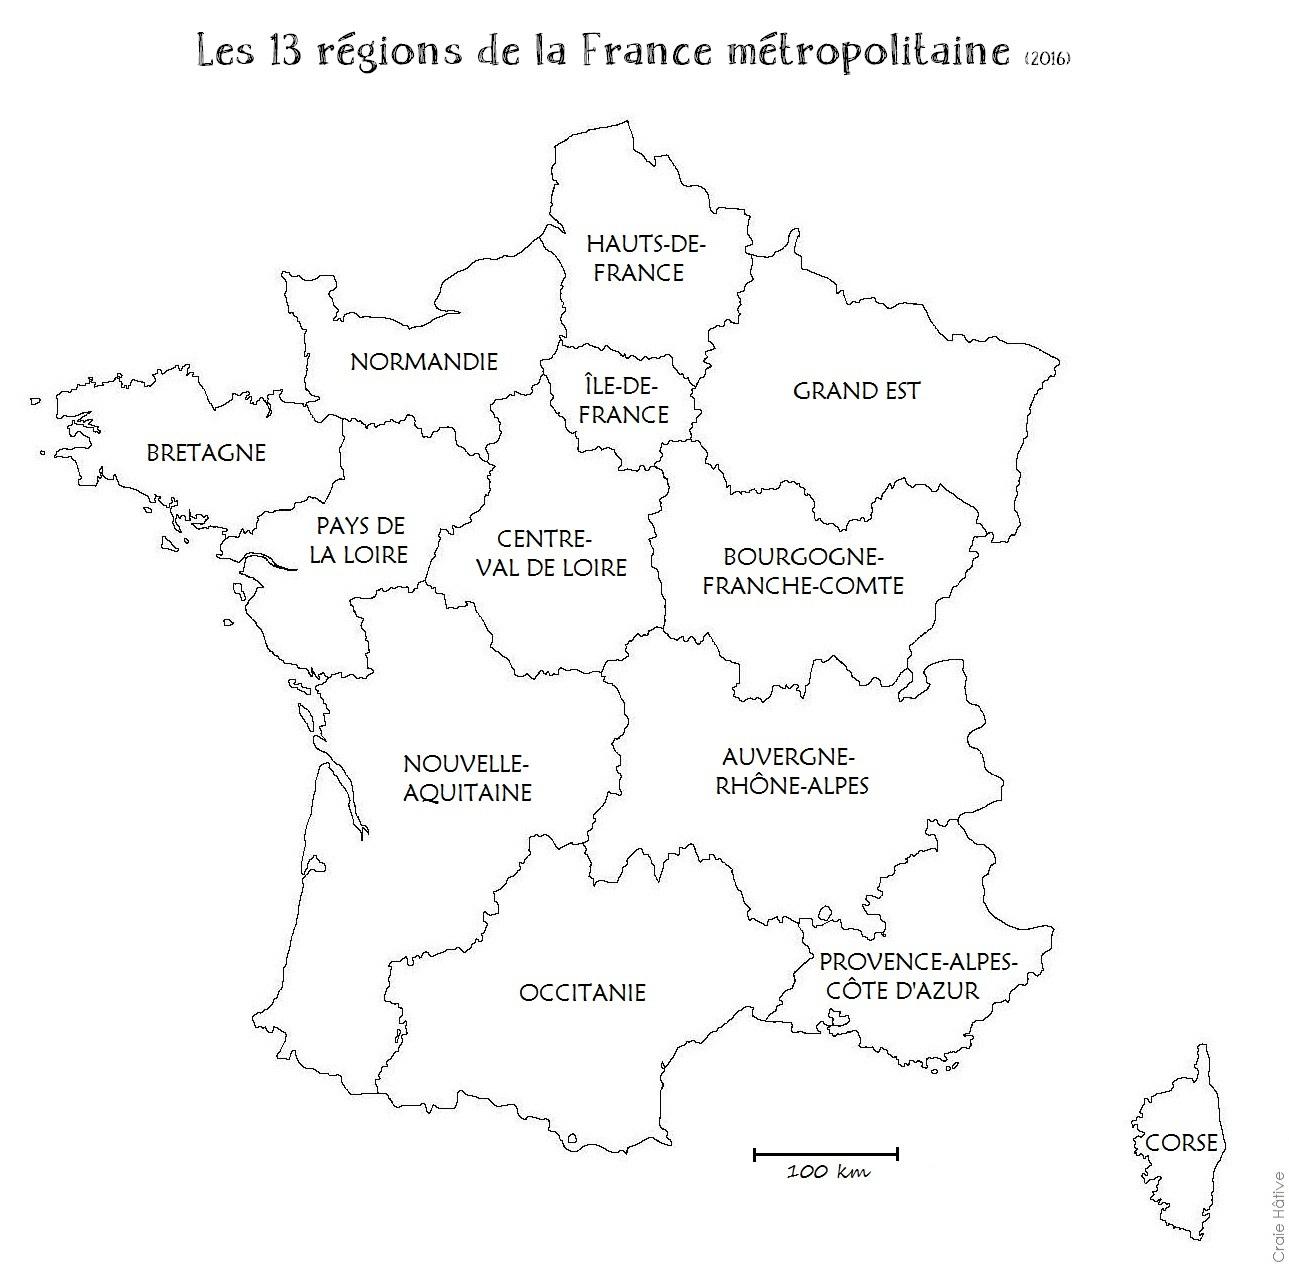 Cartes Des Régions De La France Métropolitaine - 2016 destiné Carte Des Régions Françaises